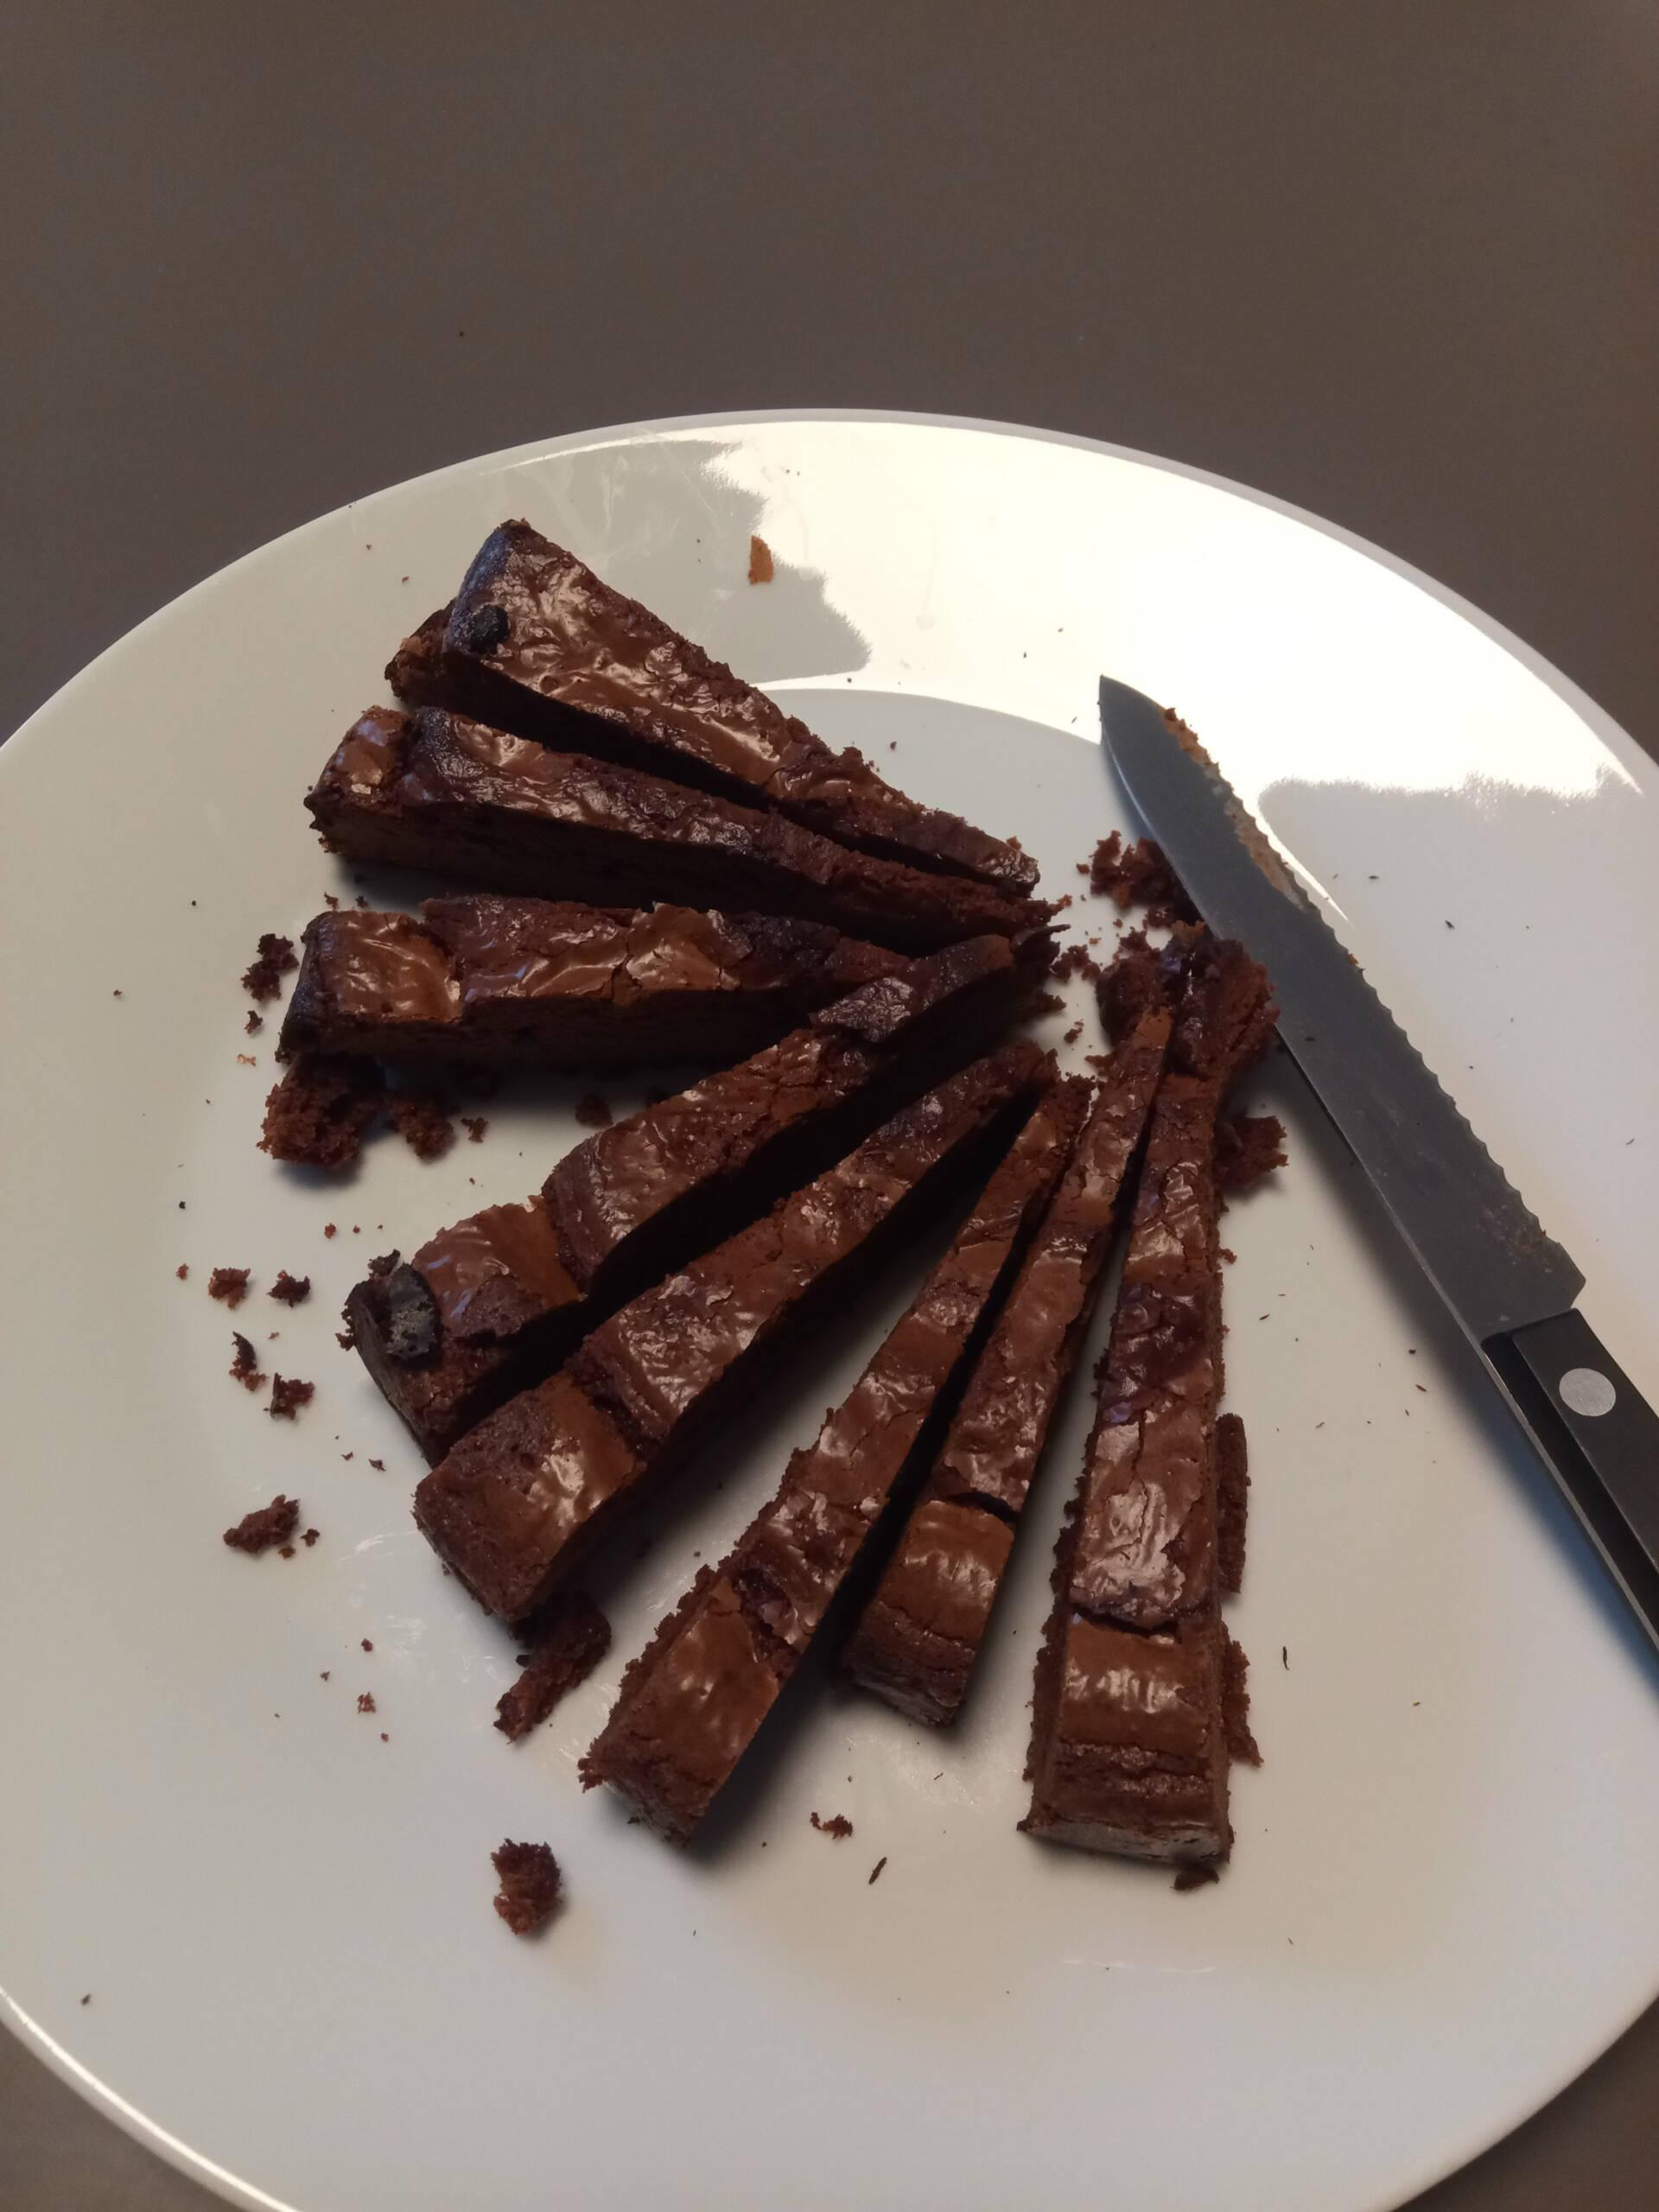 Foto vom aufgeschnittenen Schoko-Chili-Kuchen